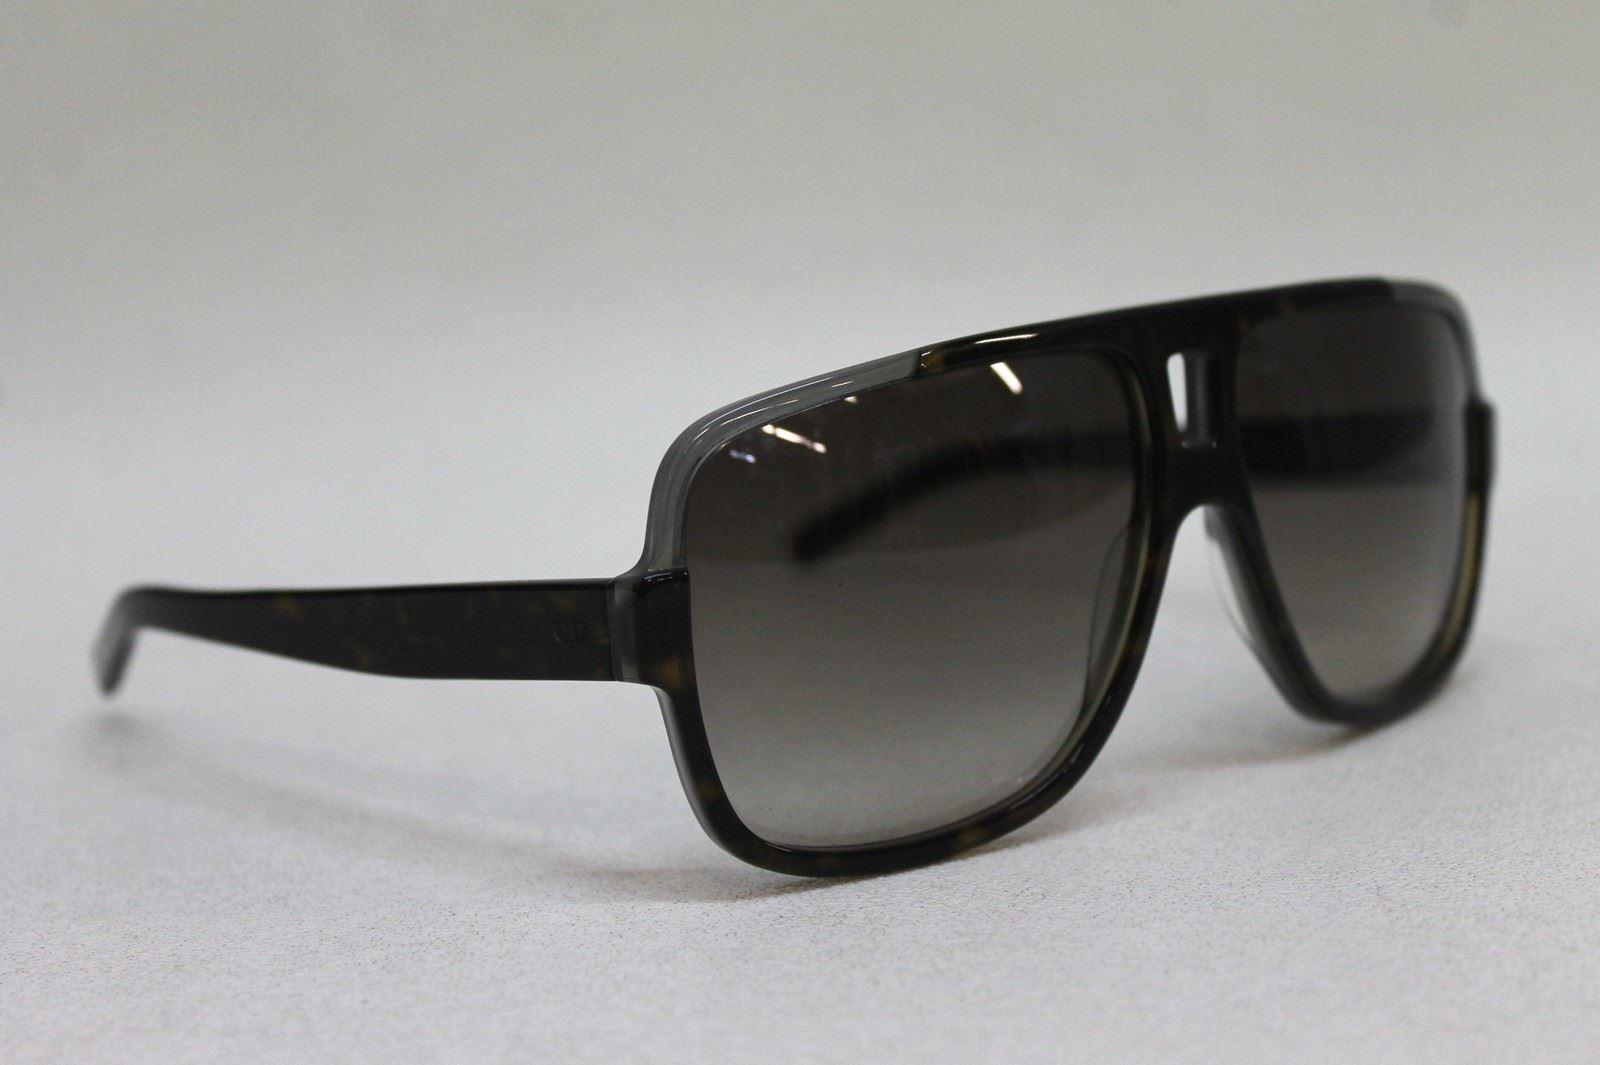 d962795865 Dior Homme Black Tie Titanium Aviator Sunglasses